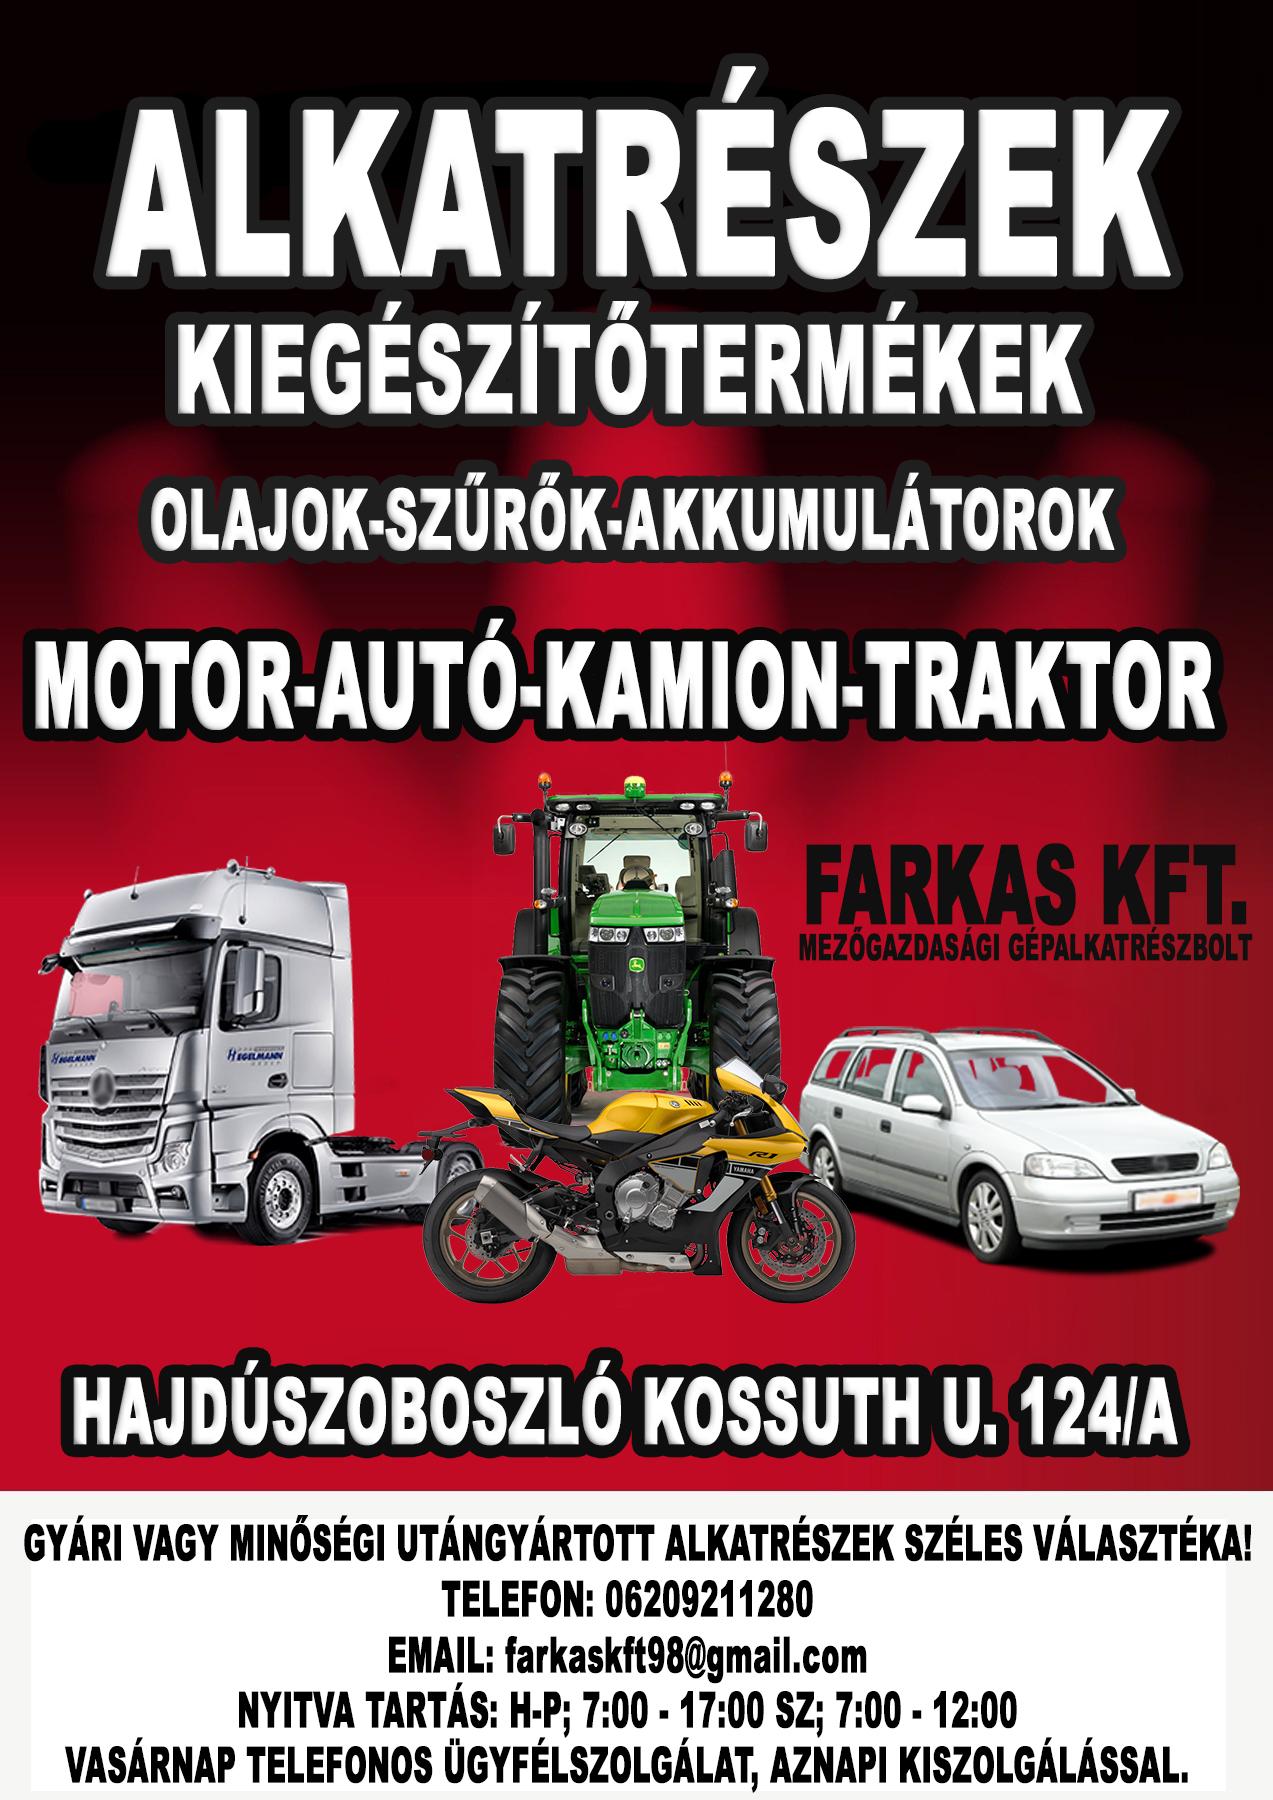 Autó Motor Kamion Traktor és Mezőgazdasági Alkatrészek Kedvező Áron